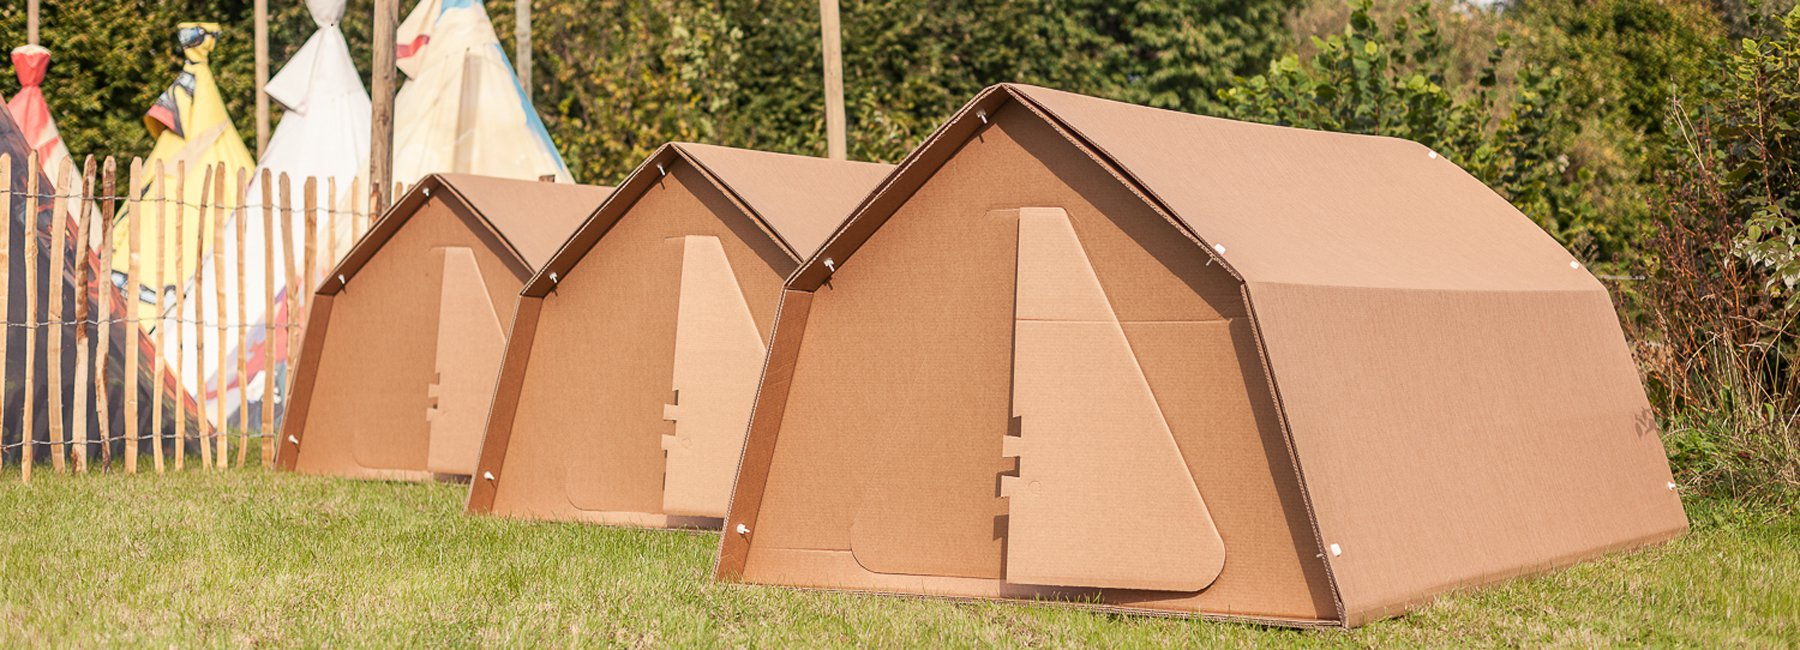 3平方米的地板设计,小小的后窗设计时间了帐篷内的空气流动.